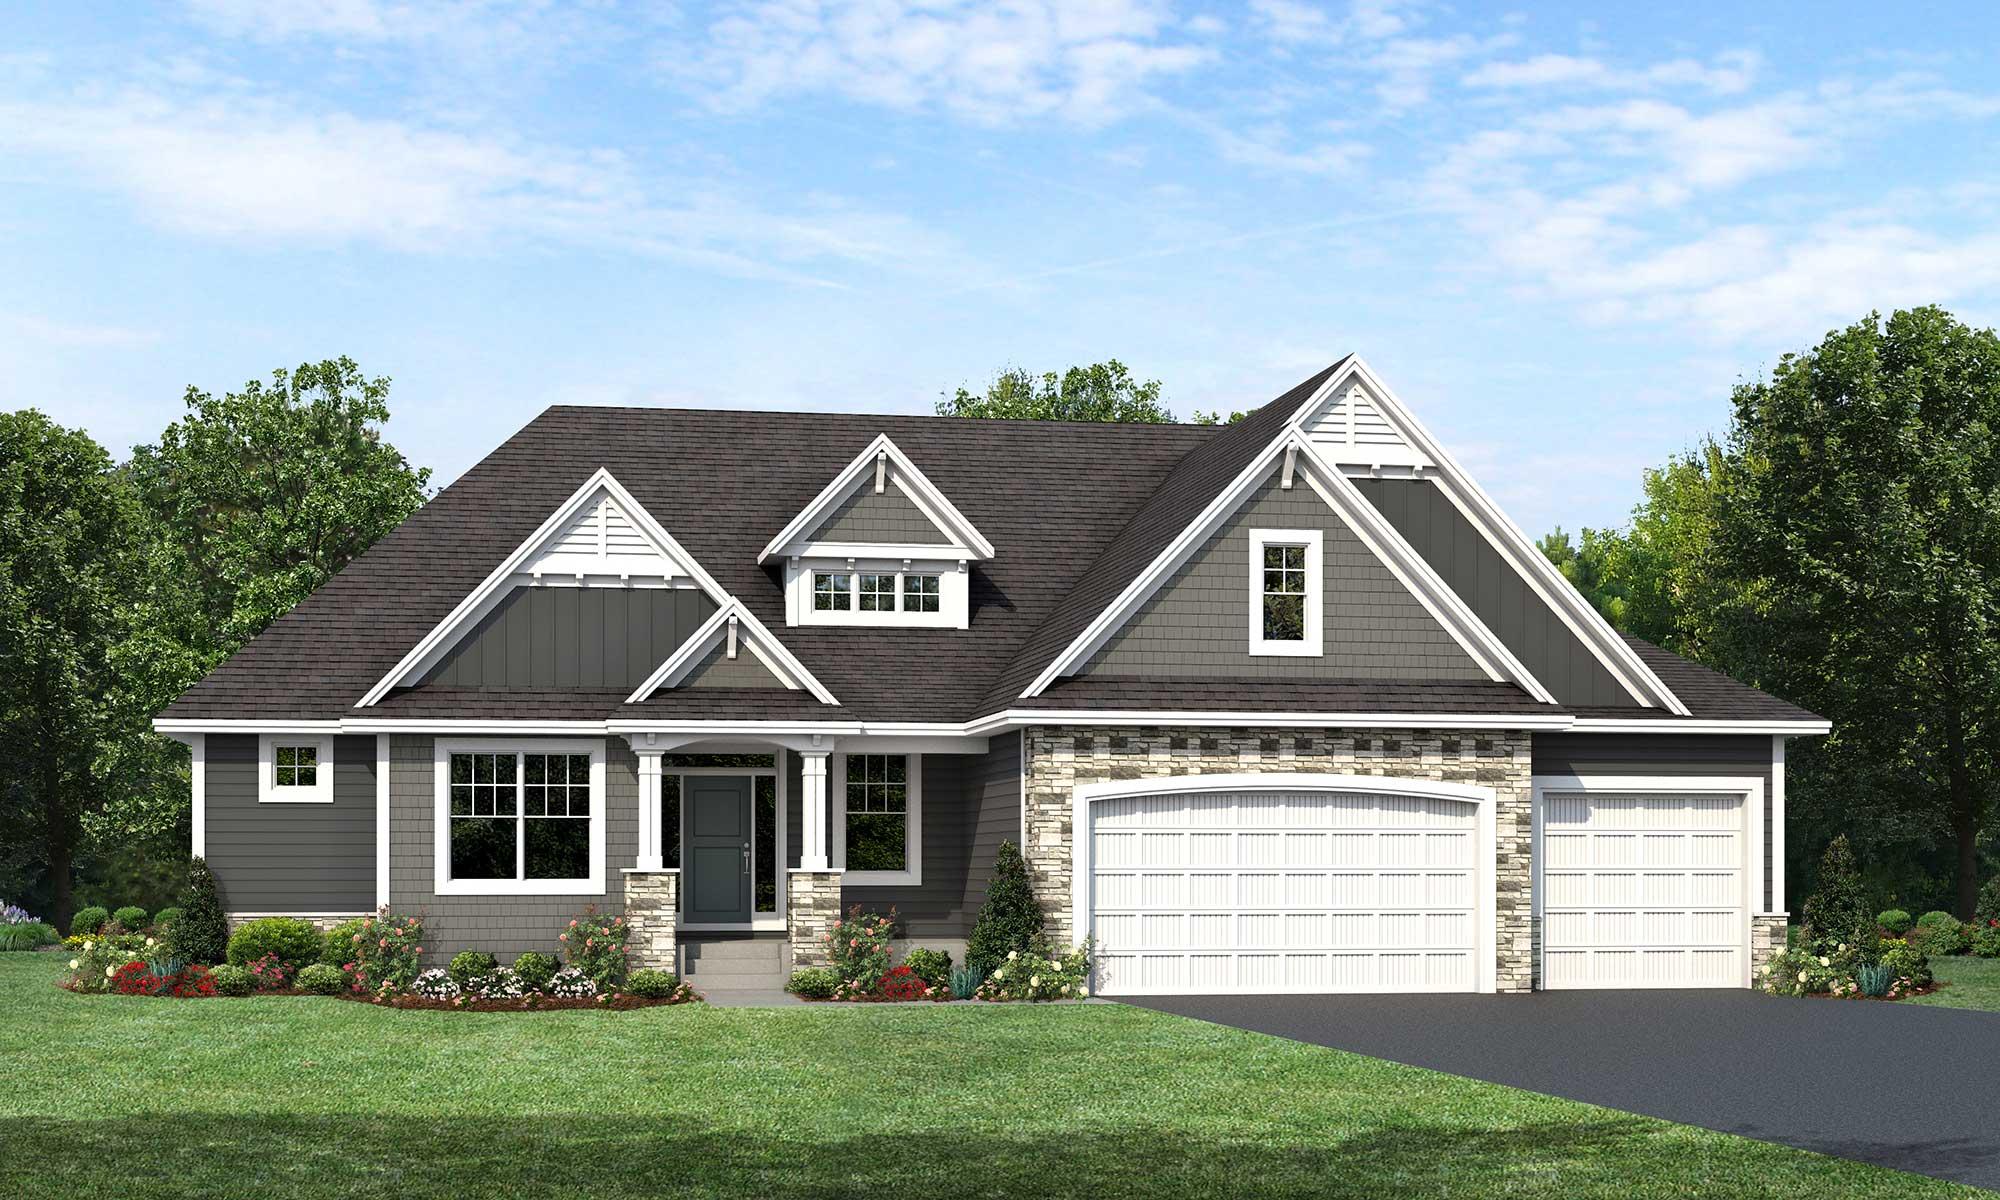 Mississippi home plan Elevation C rendering